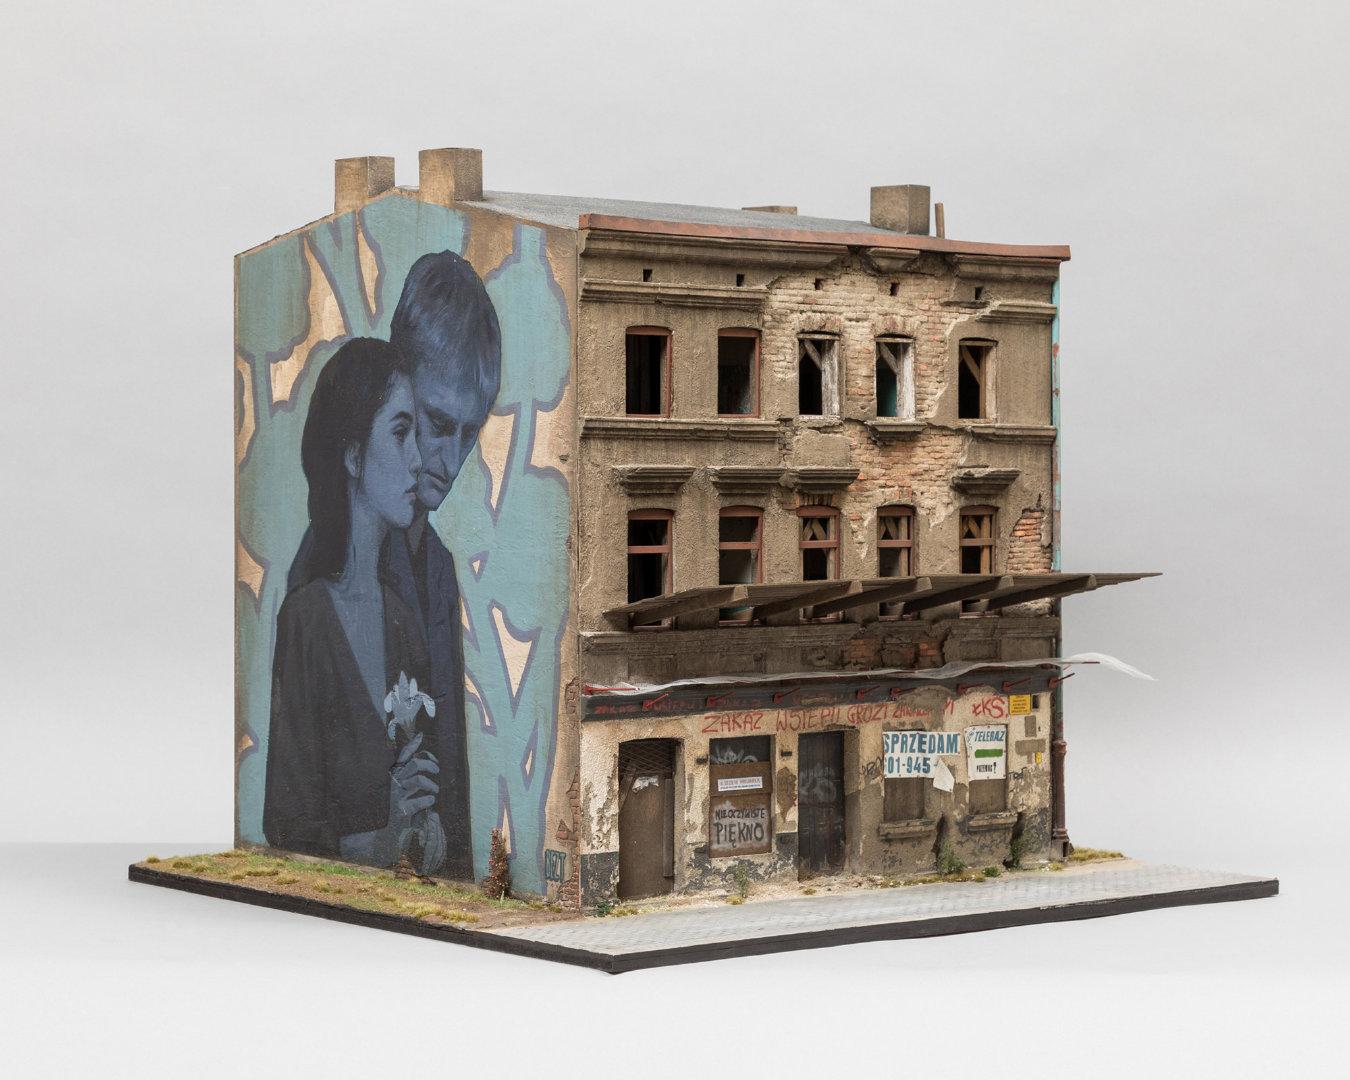 澳大利亚艺术家Joshua Smith乐于创作微缩的衰落城市景观不管是门上的